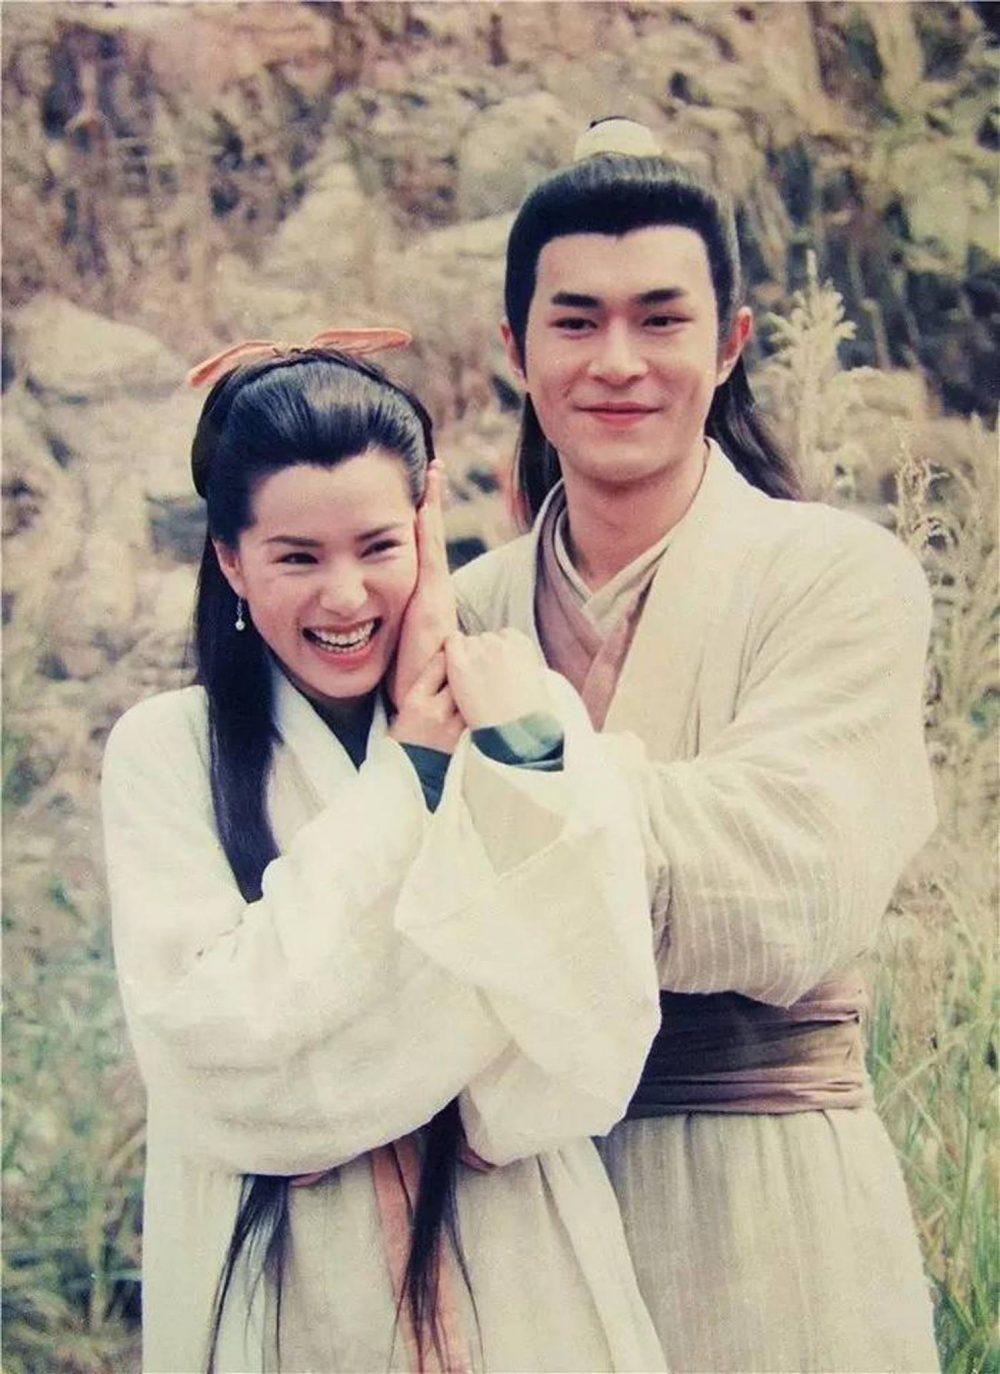 Phim kiếm hiệp Kim Dung hay nhất: Thần điêu đại hiệp